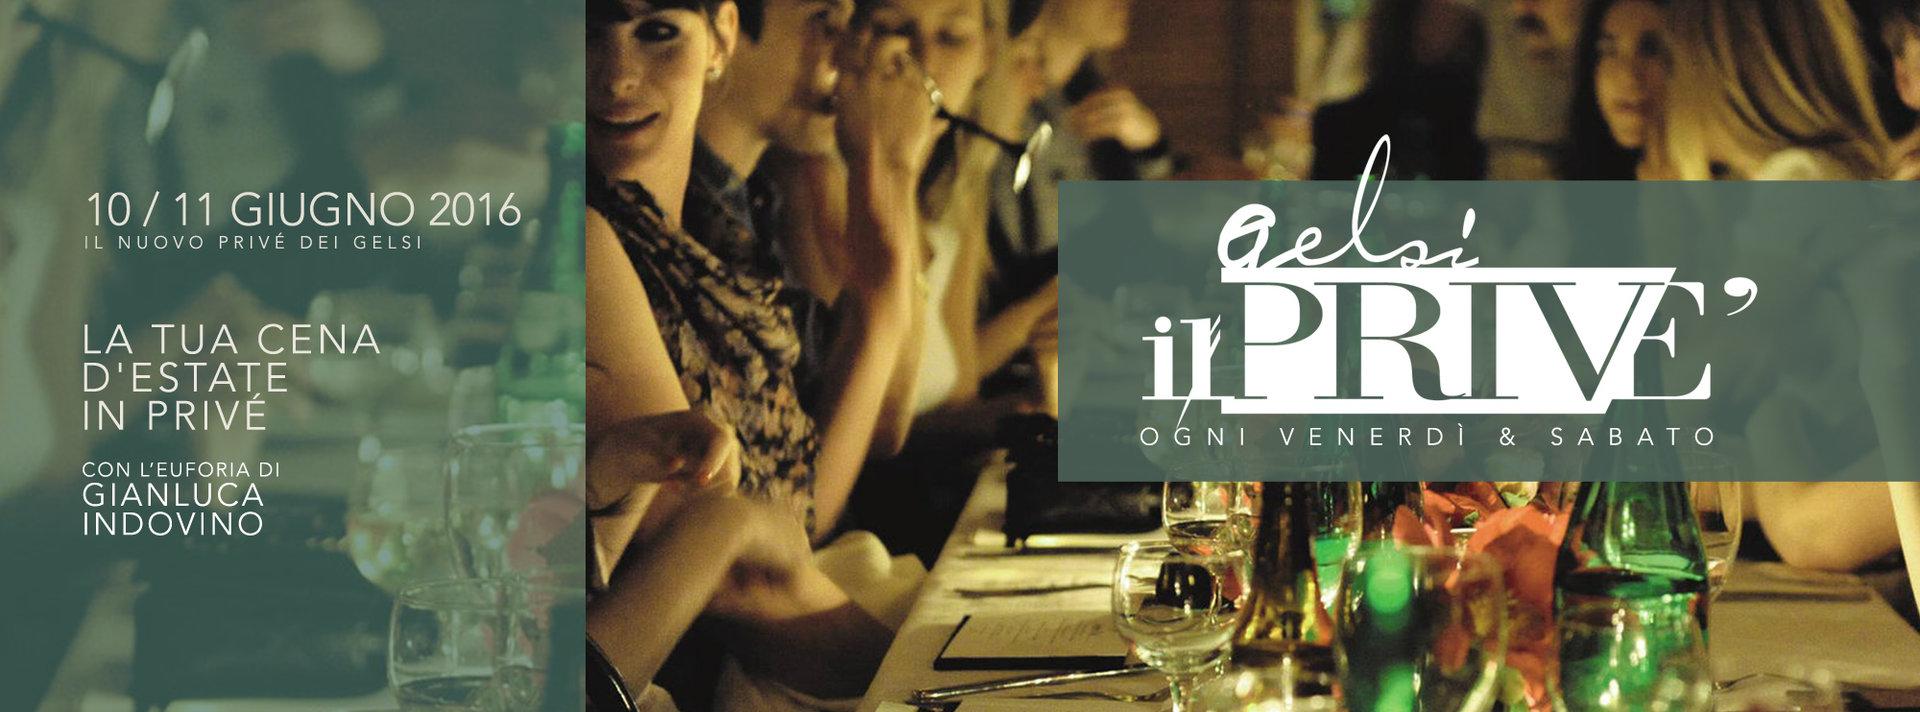 cena in prive ai gelsi 10 e 11 giugno 2016